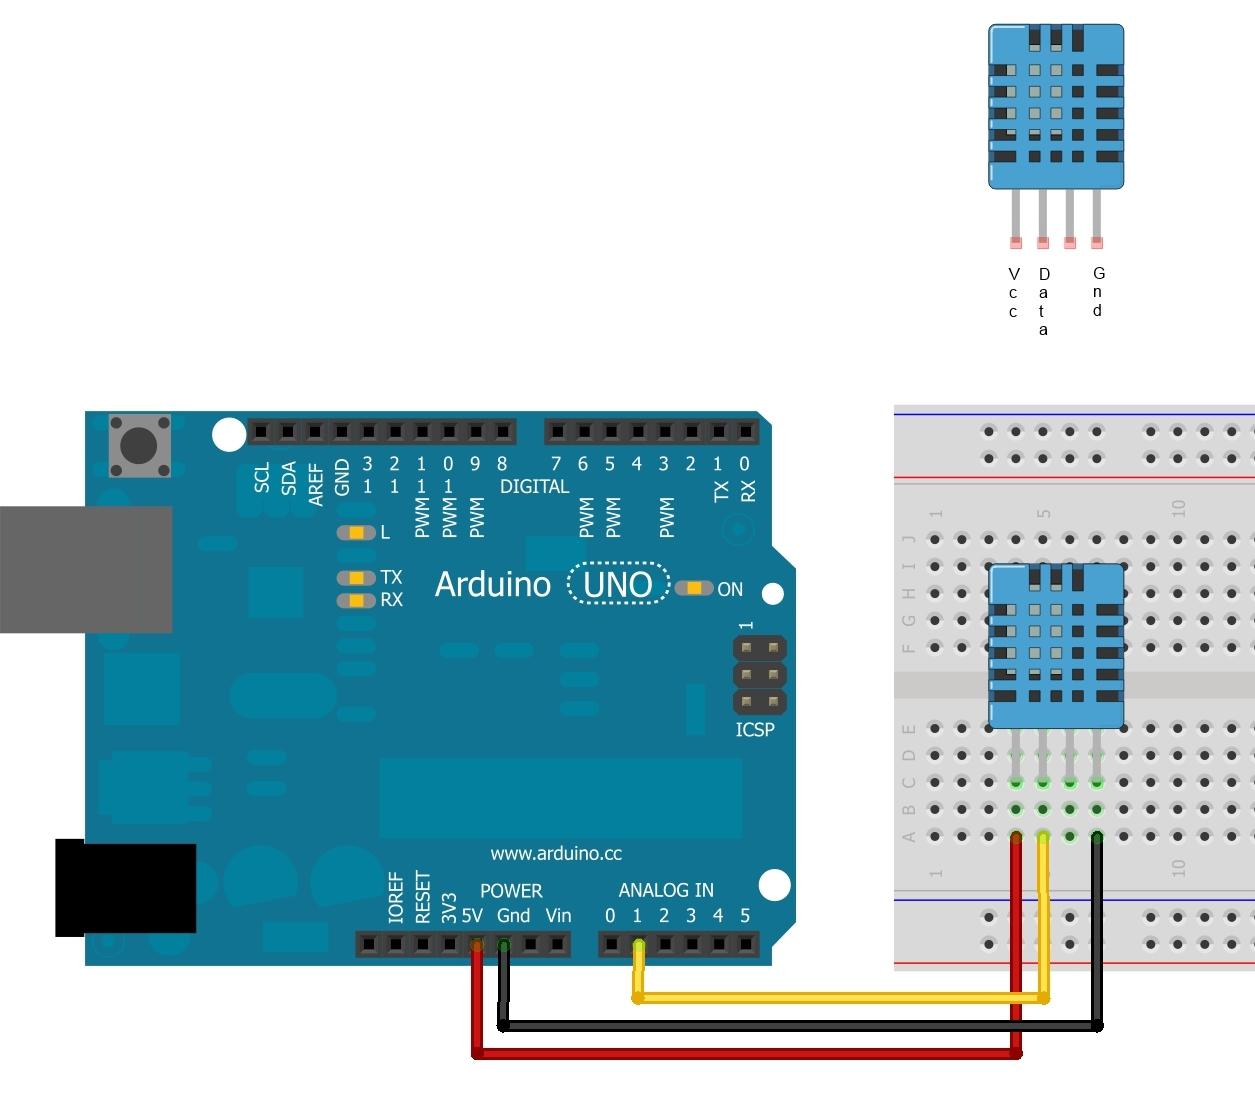 dht11 wiring diagram [ 1255 x 1113 Pixel ]